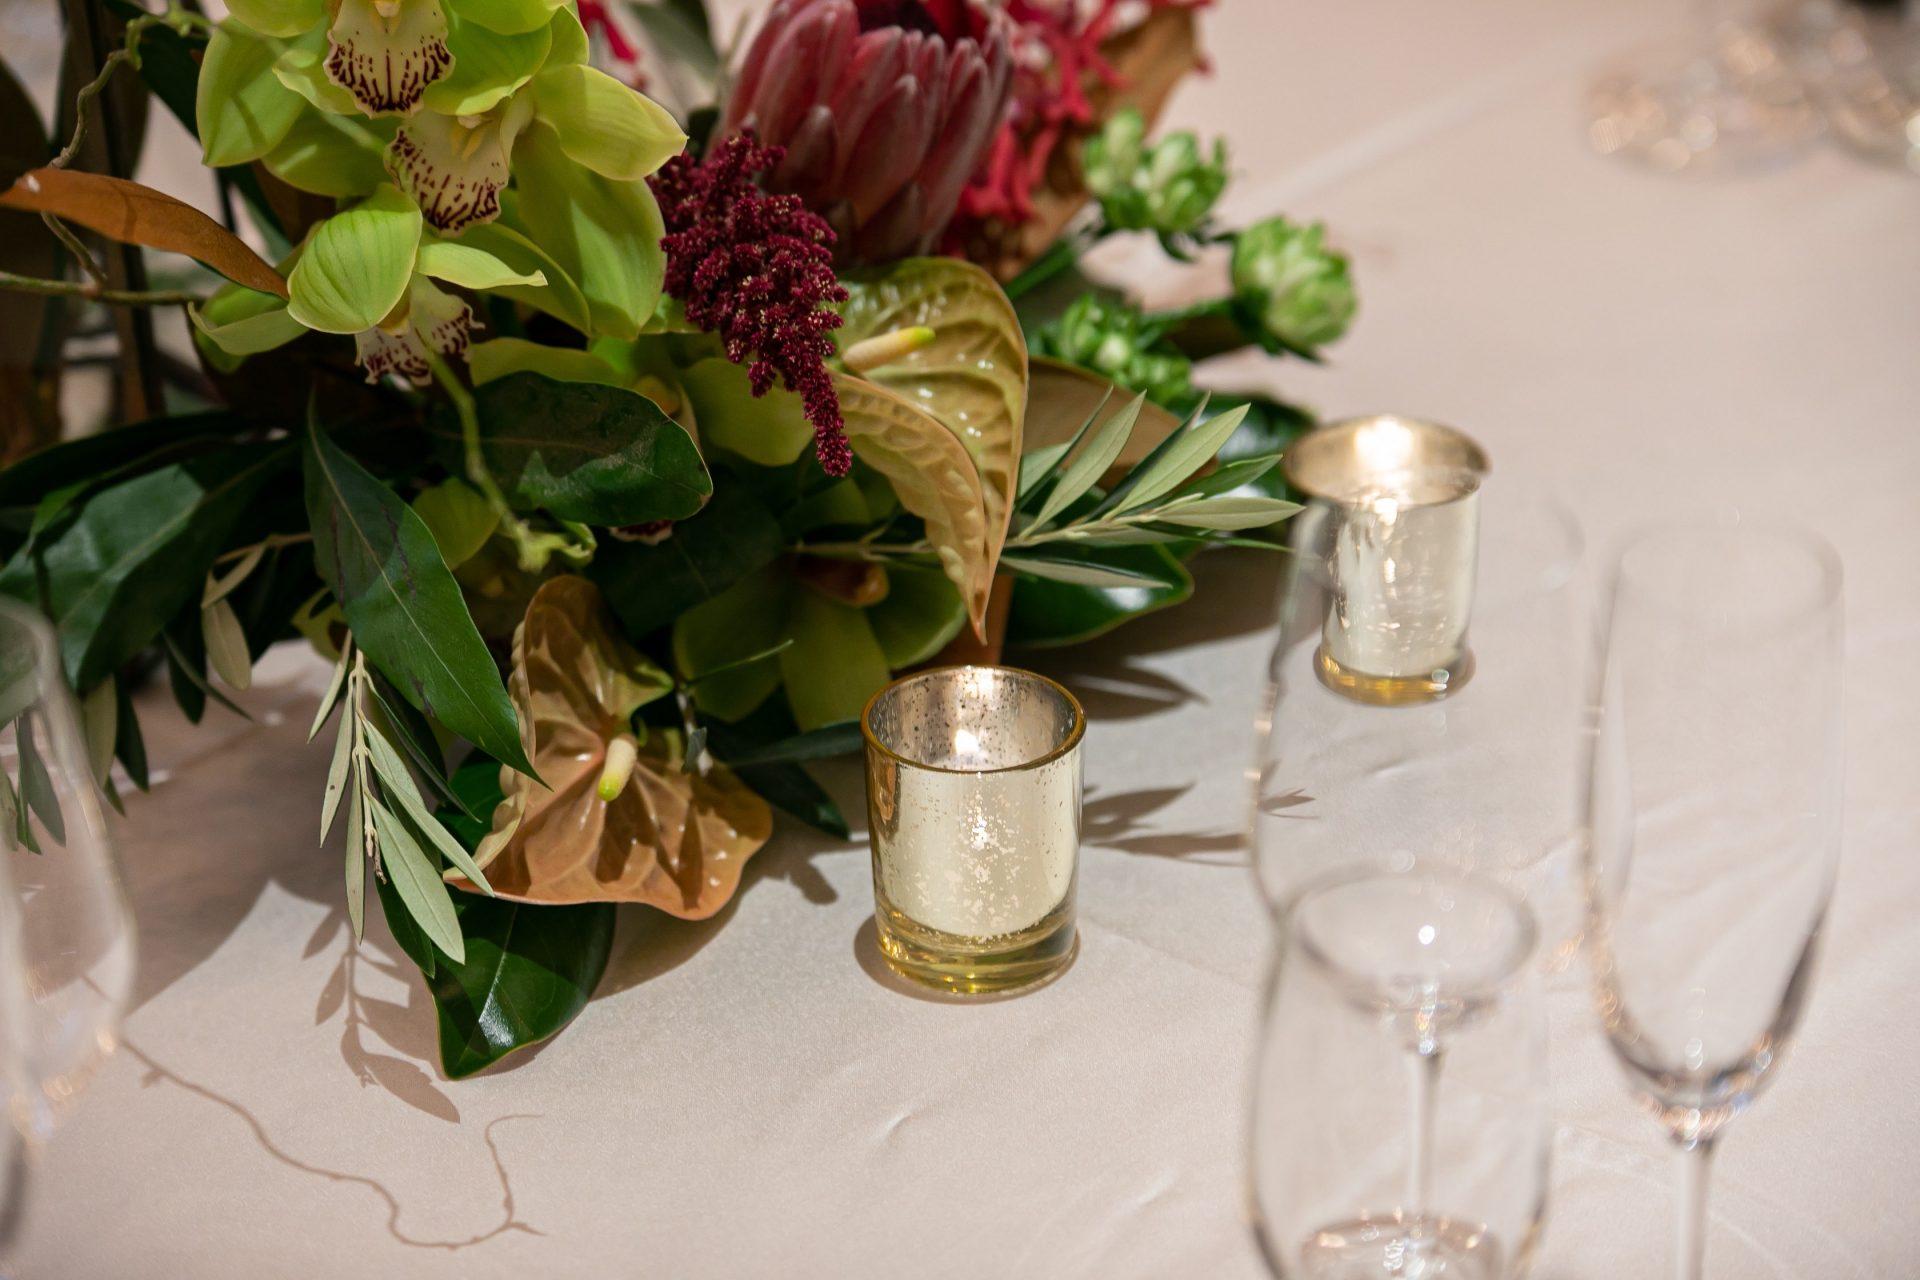 ザ・トリートドレッシングの提携会場ザ・コンダーハウスでお式をされた花嫁様のおしゃれなウェディングスタイル